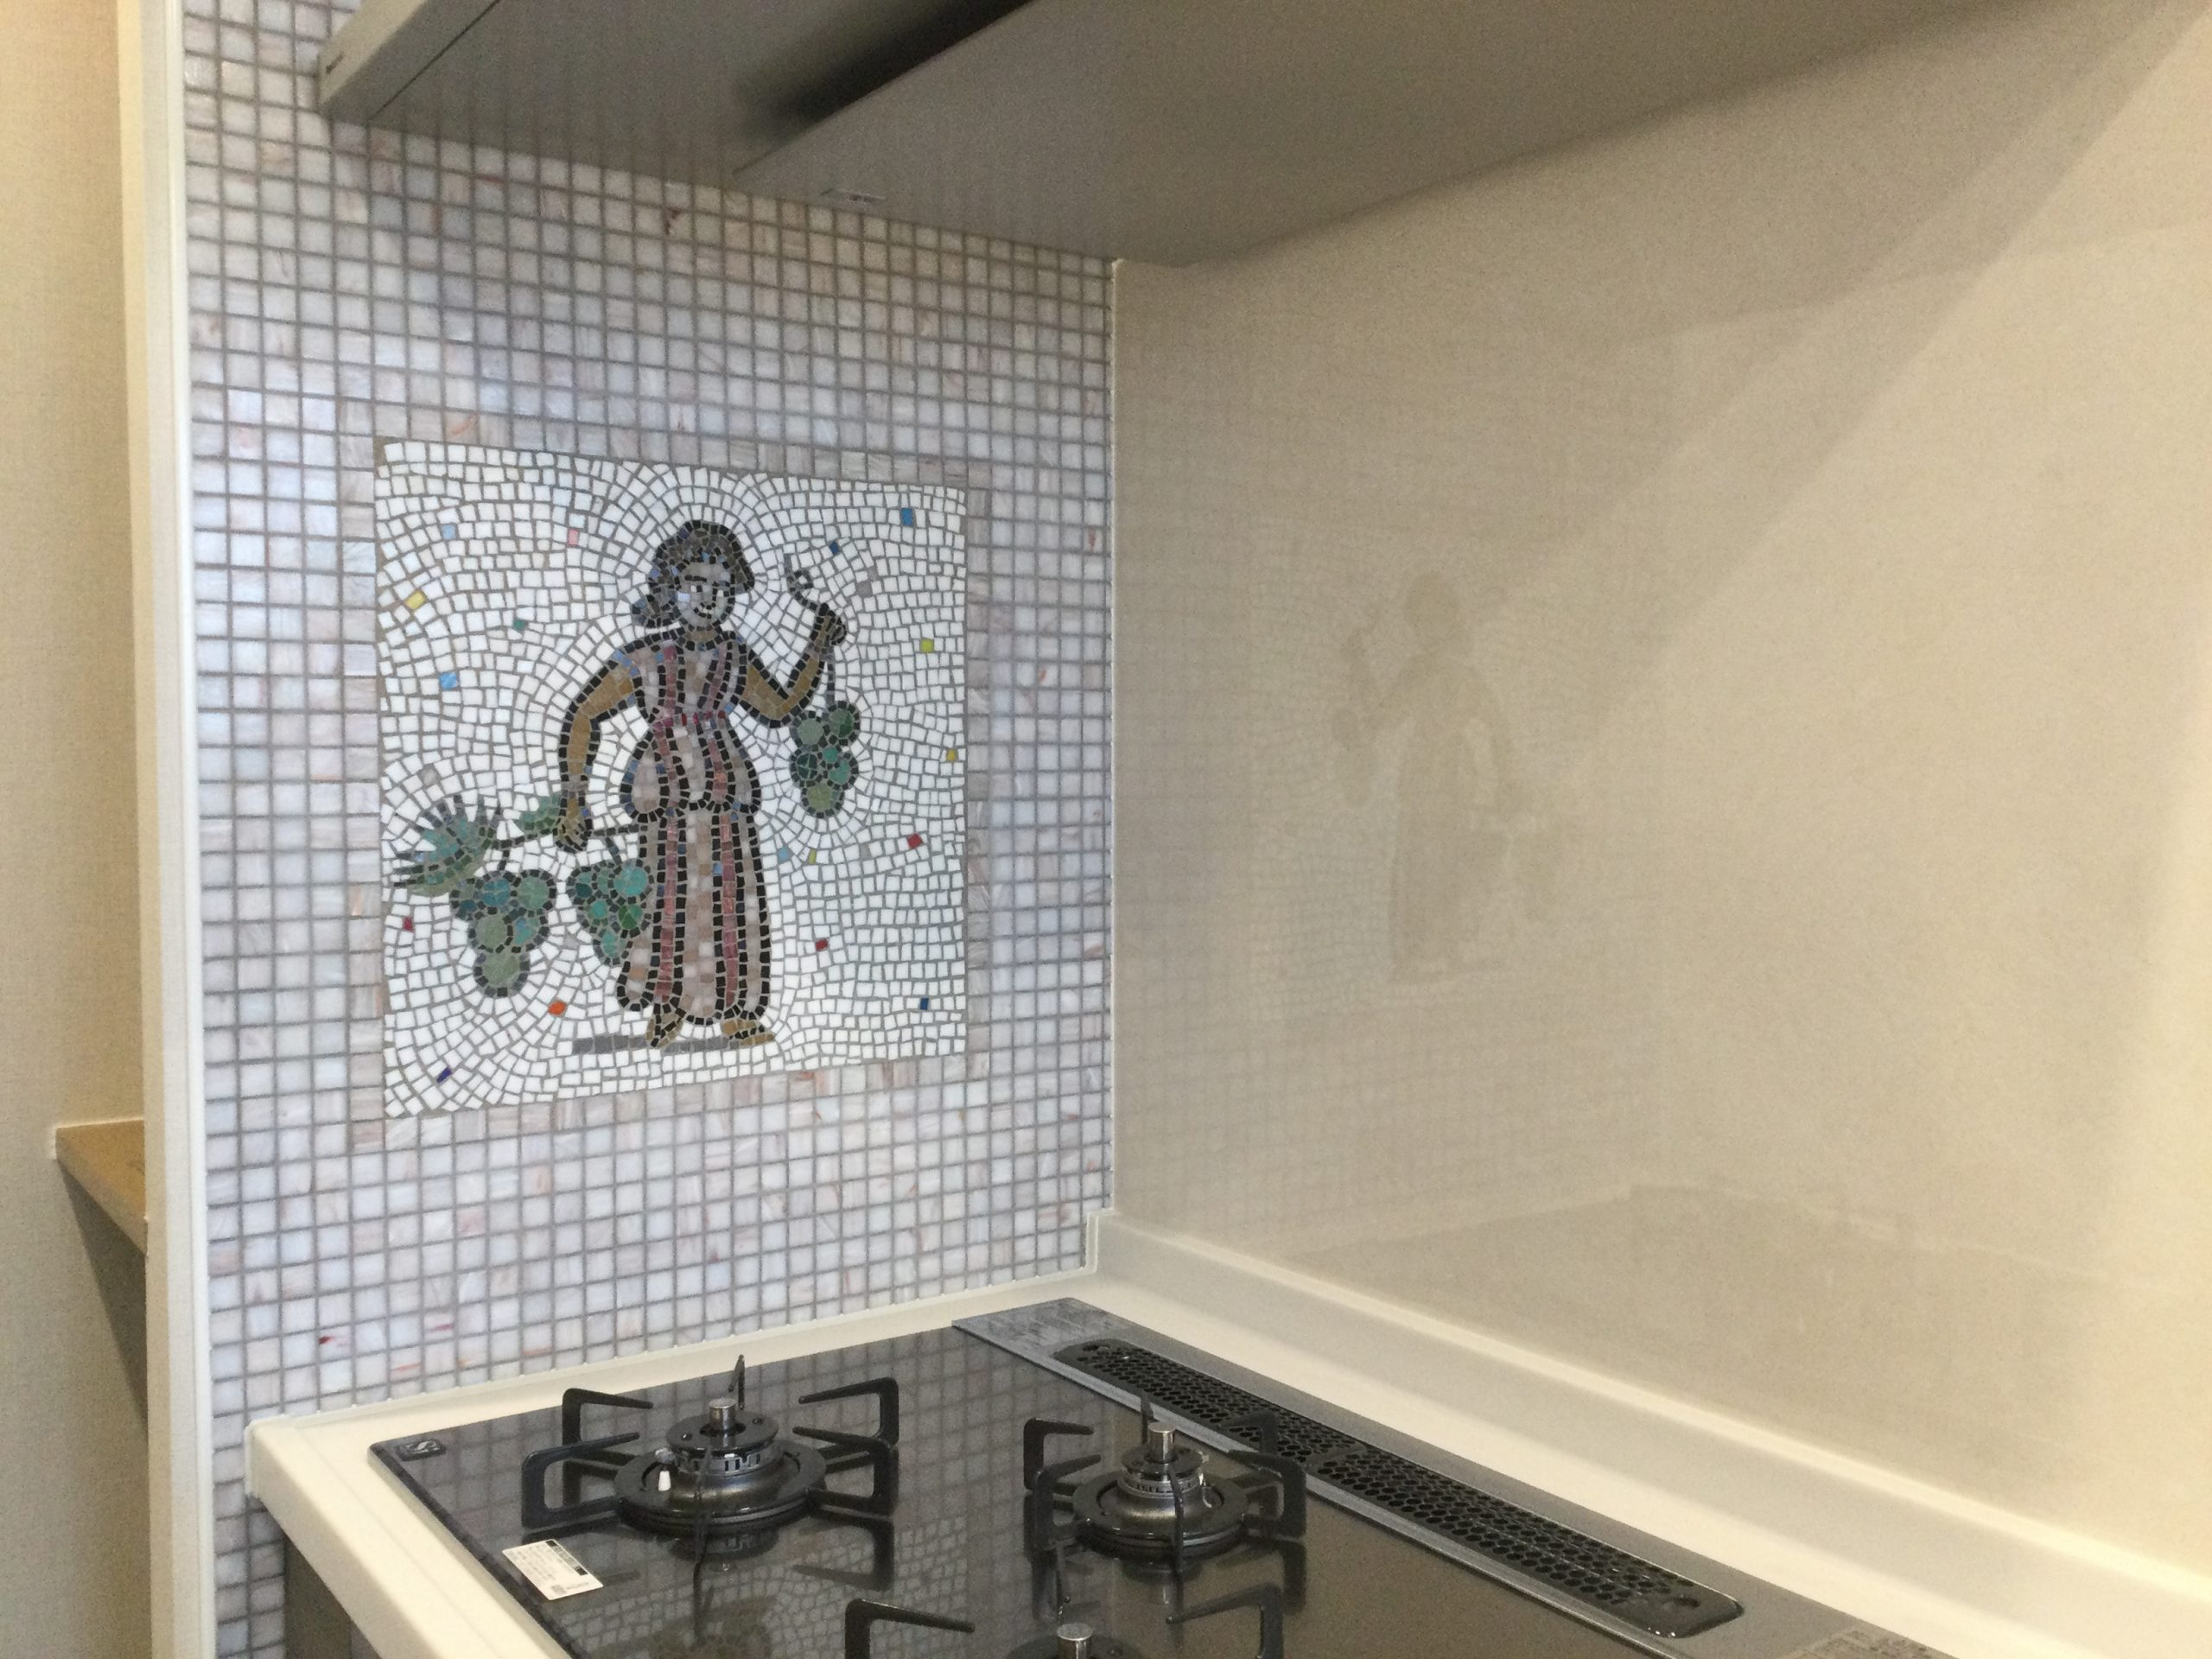 目で楽しむキッチン壁装飾